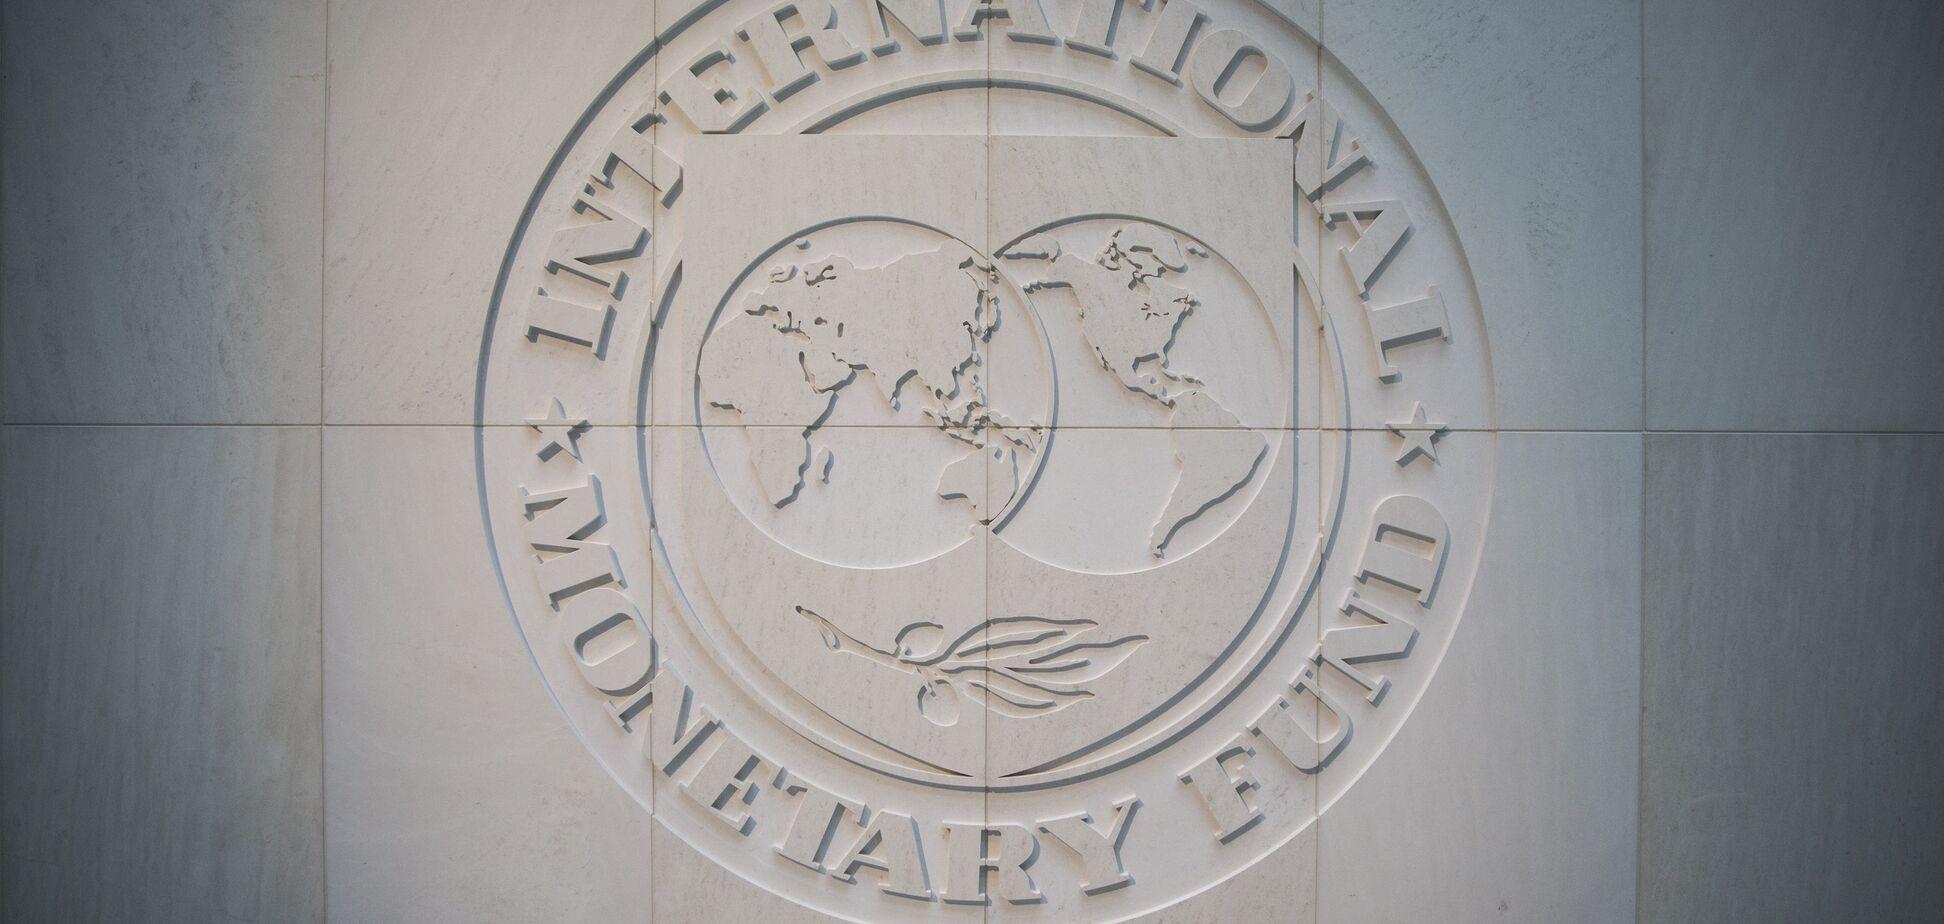 Сотрудничество с МВФ: Гройсман объяснил, что ждет Украину